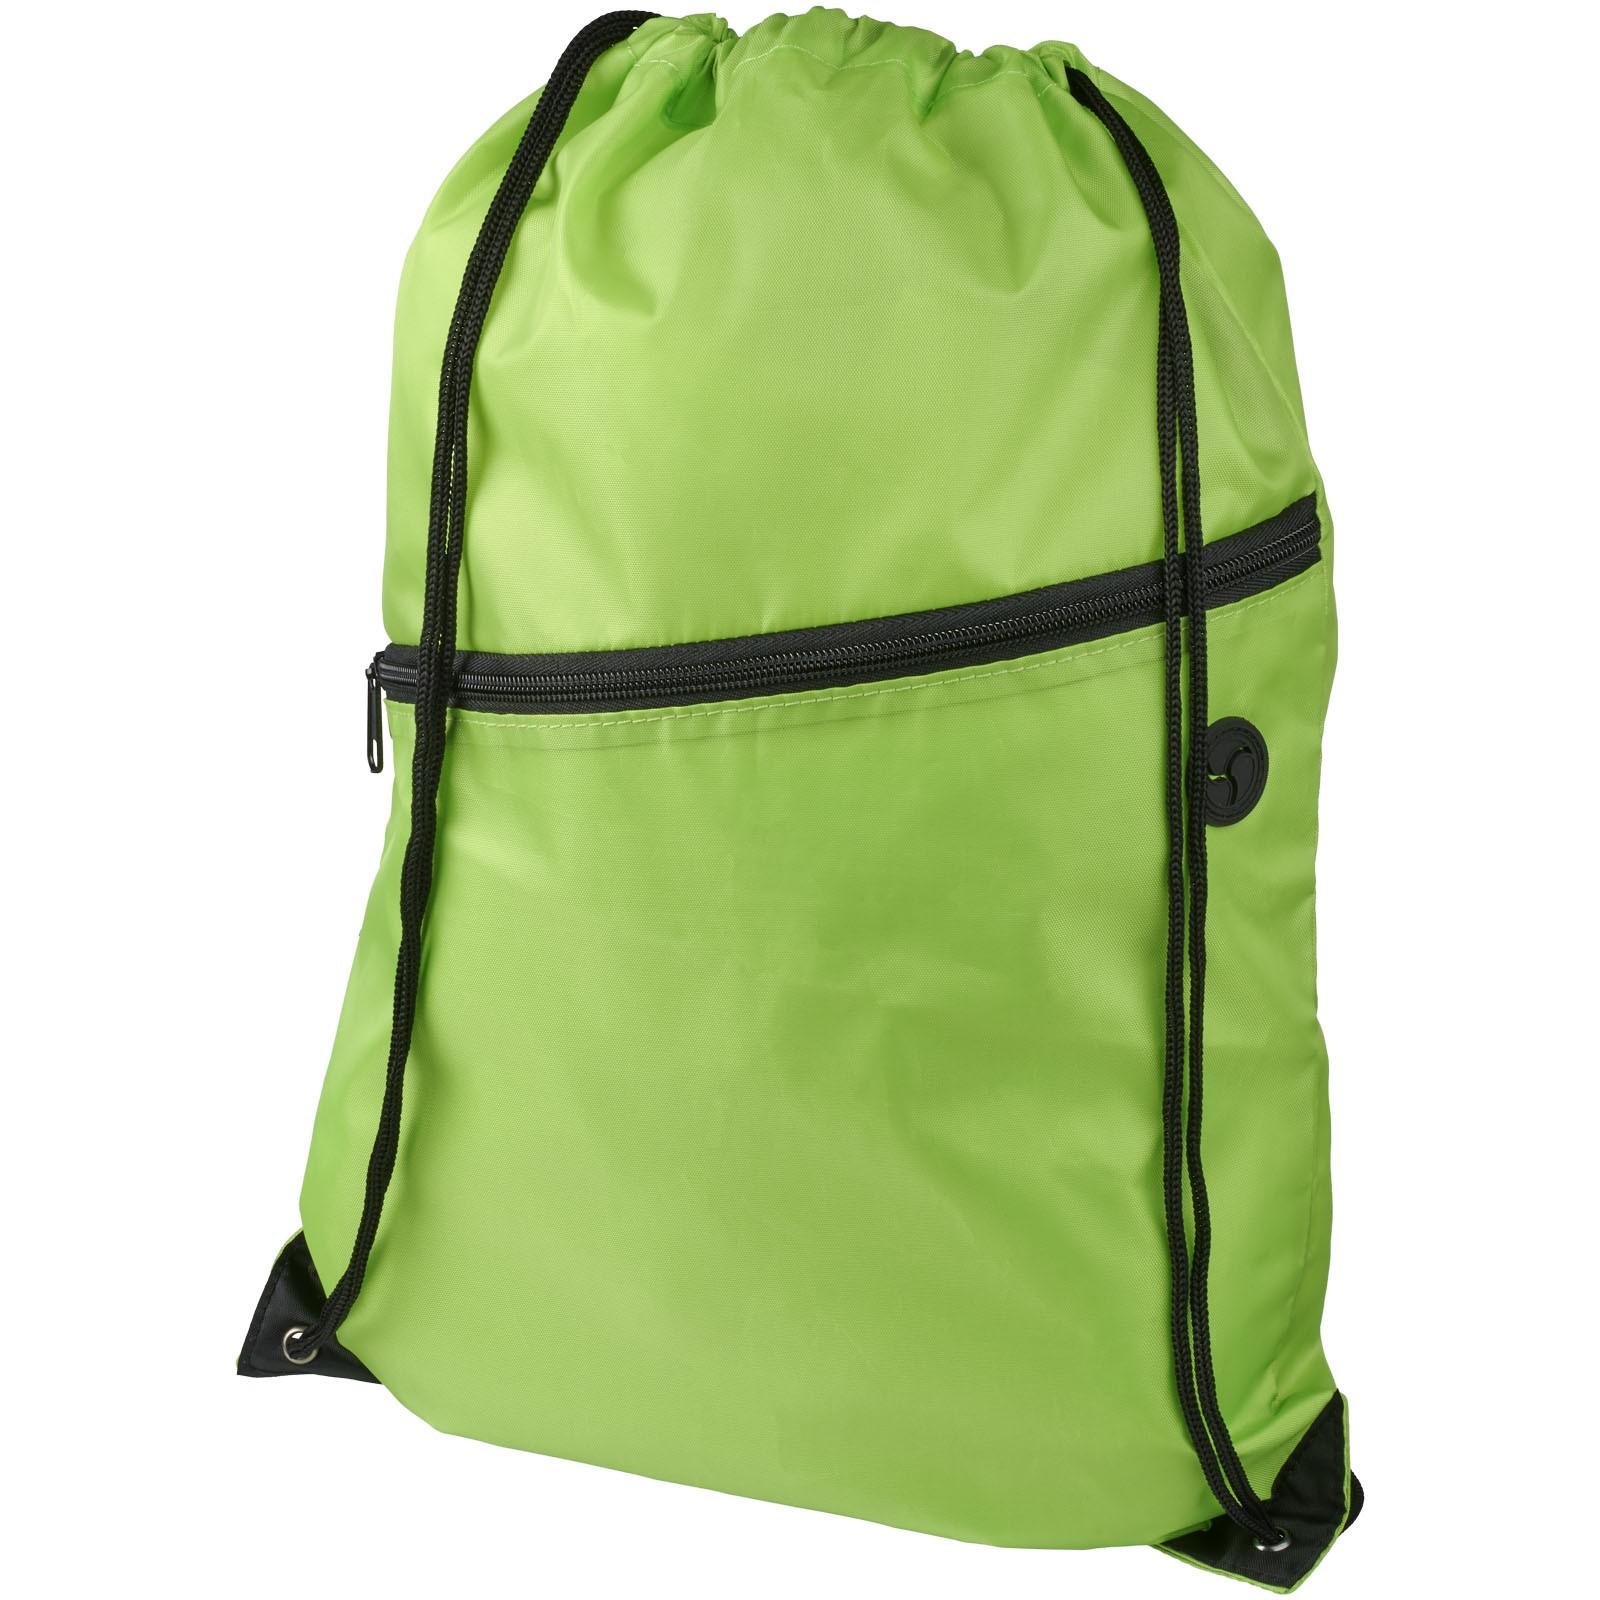 Oriole šňůrkový batoh se zipem - Limetka